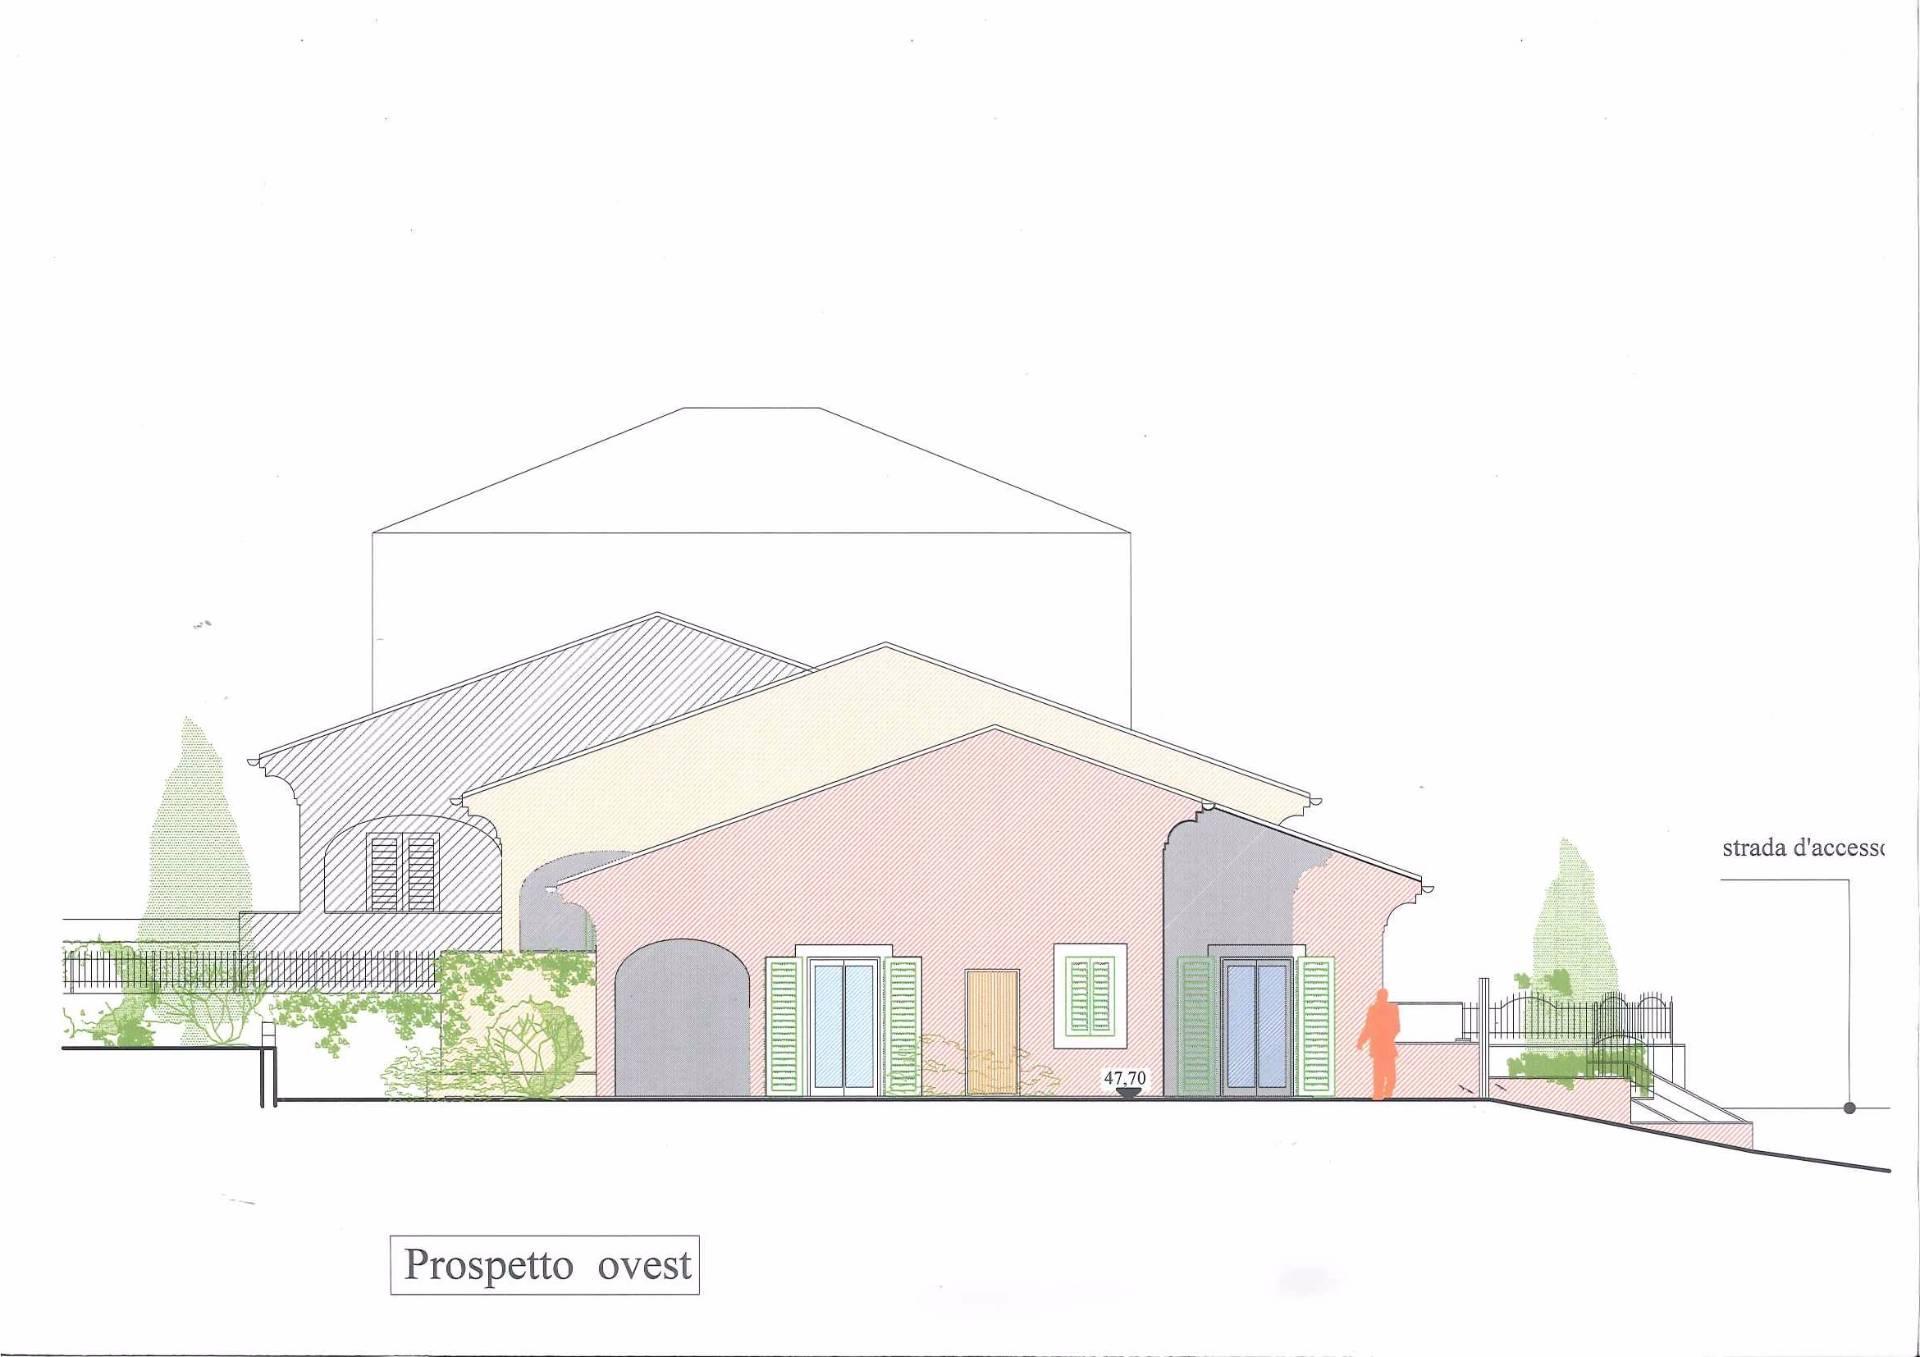 Villa in vendita a Ortovero, 6 locali, zona Zona: Pogli, prezzo € 298.000 | CambioCasa.it